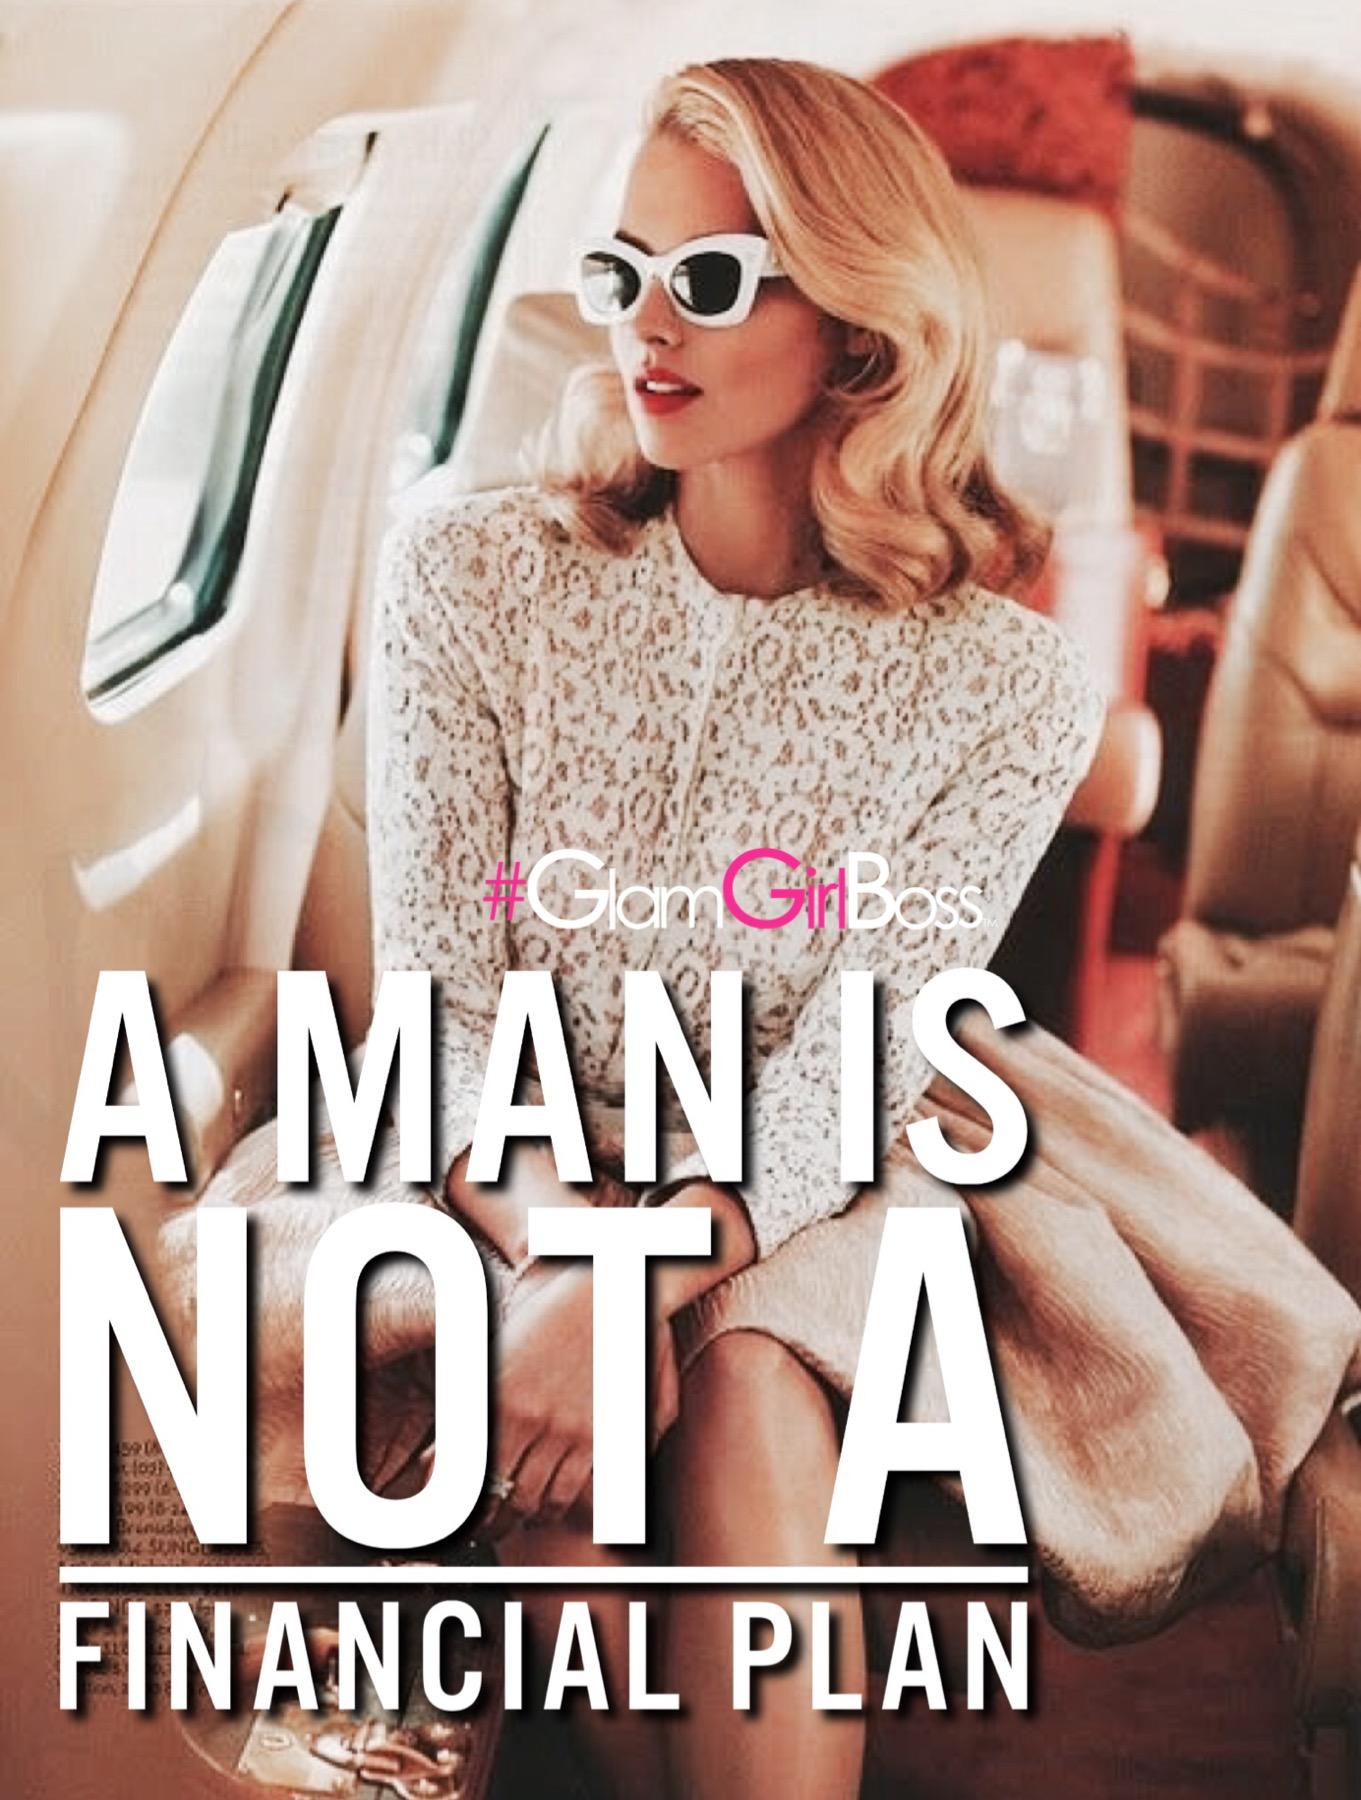 A man is not a financial plan.